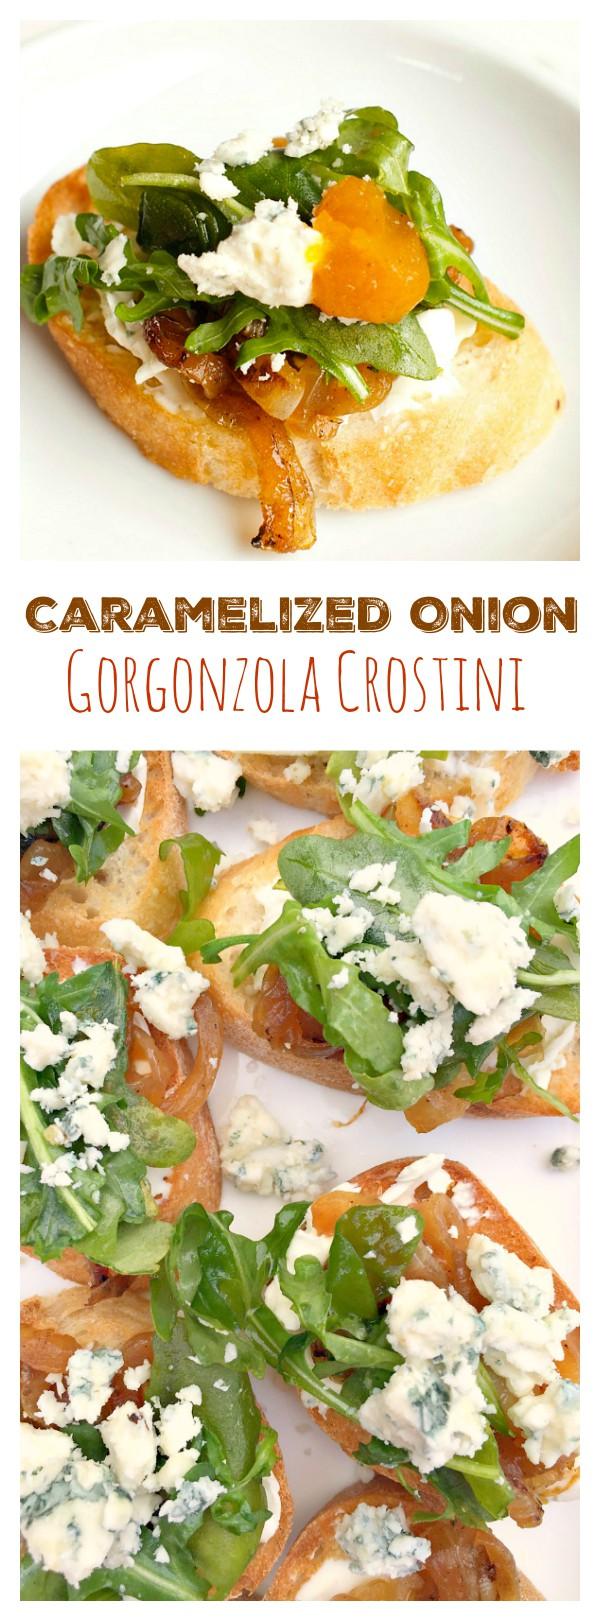 Caramelized Onion Gorgonzola Crostini